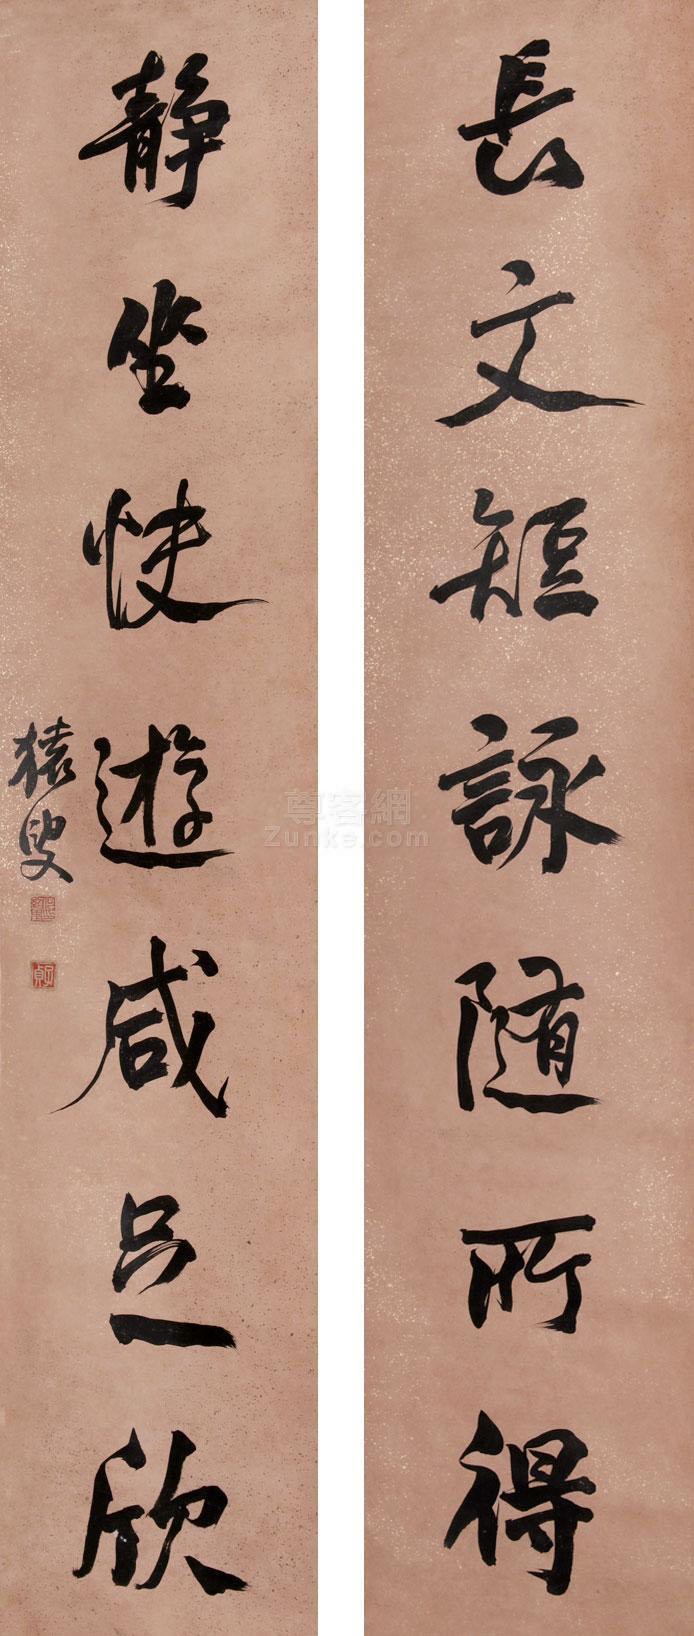 何绍基 行书七言联 屏轴蜡笺金 对联作品欣赏